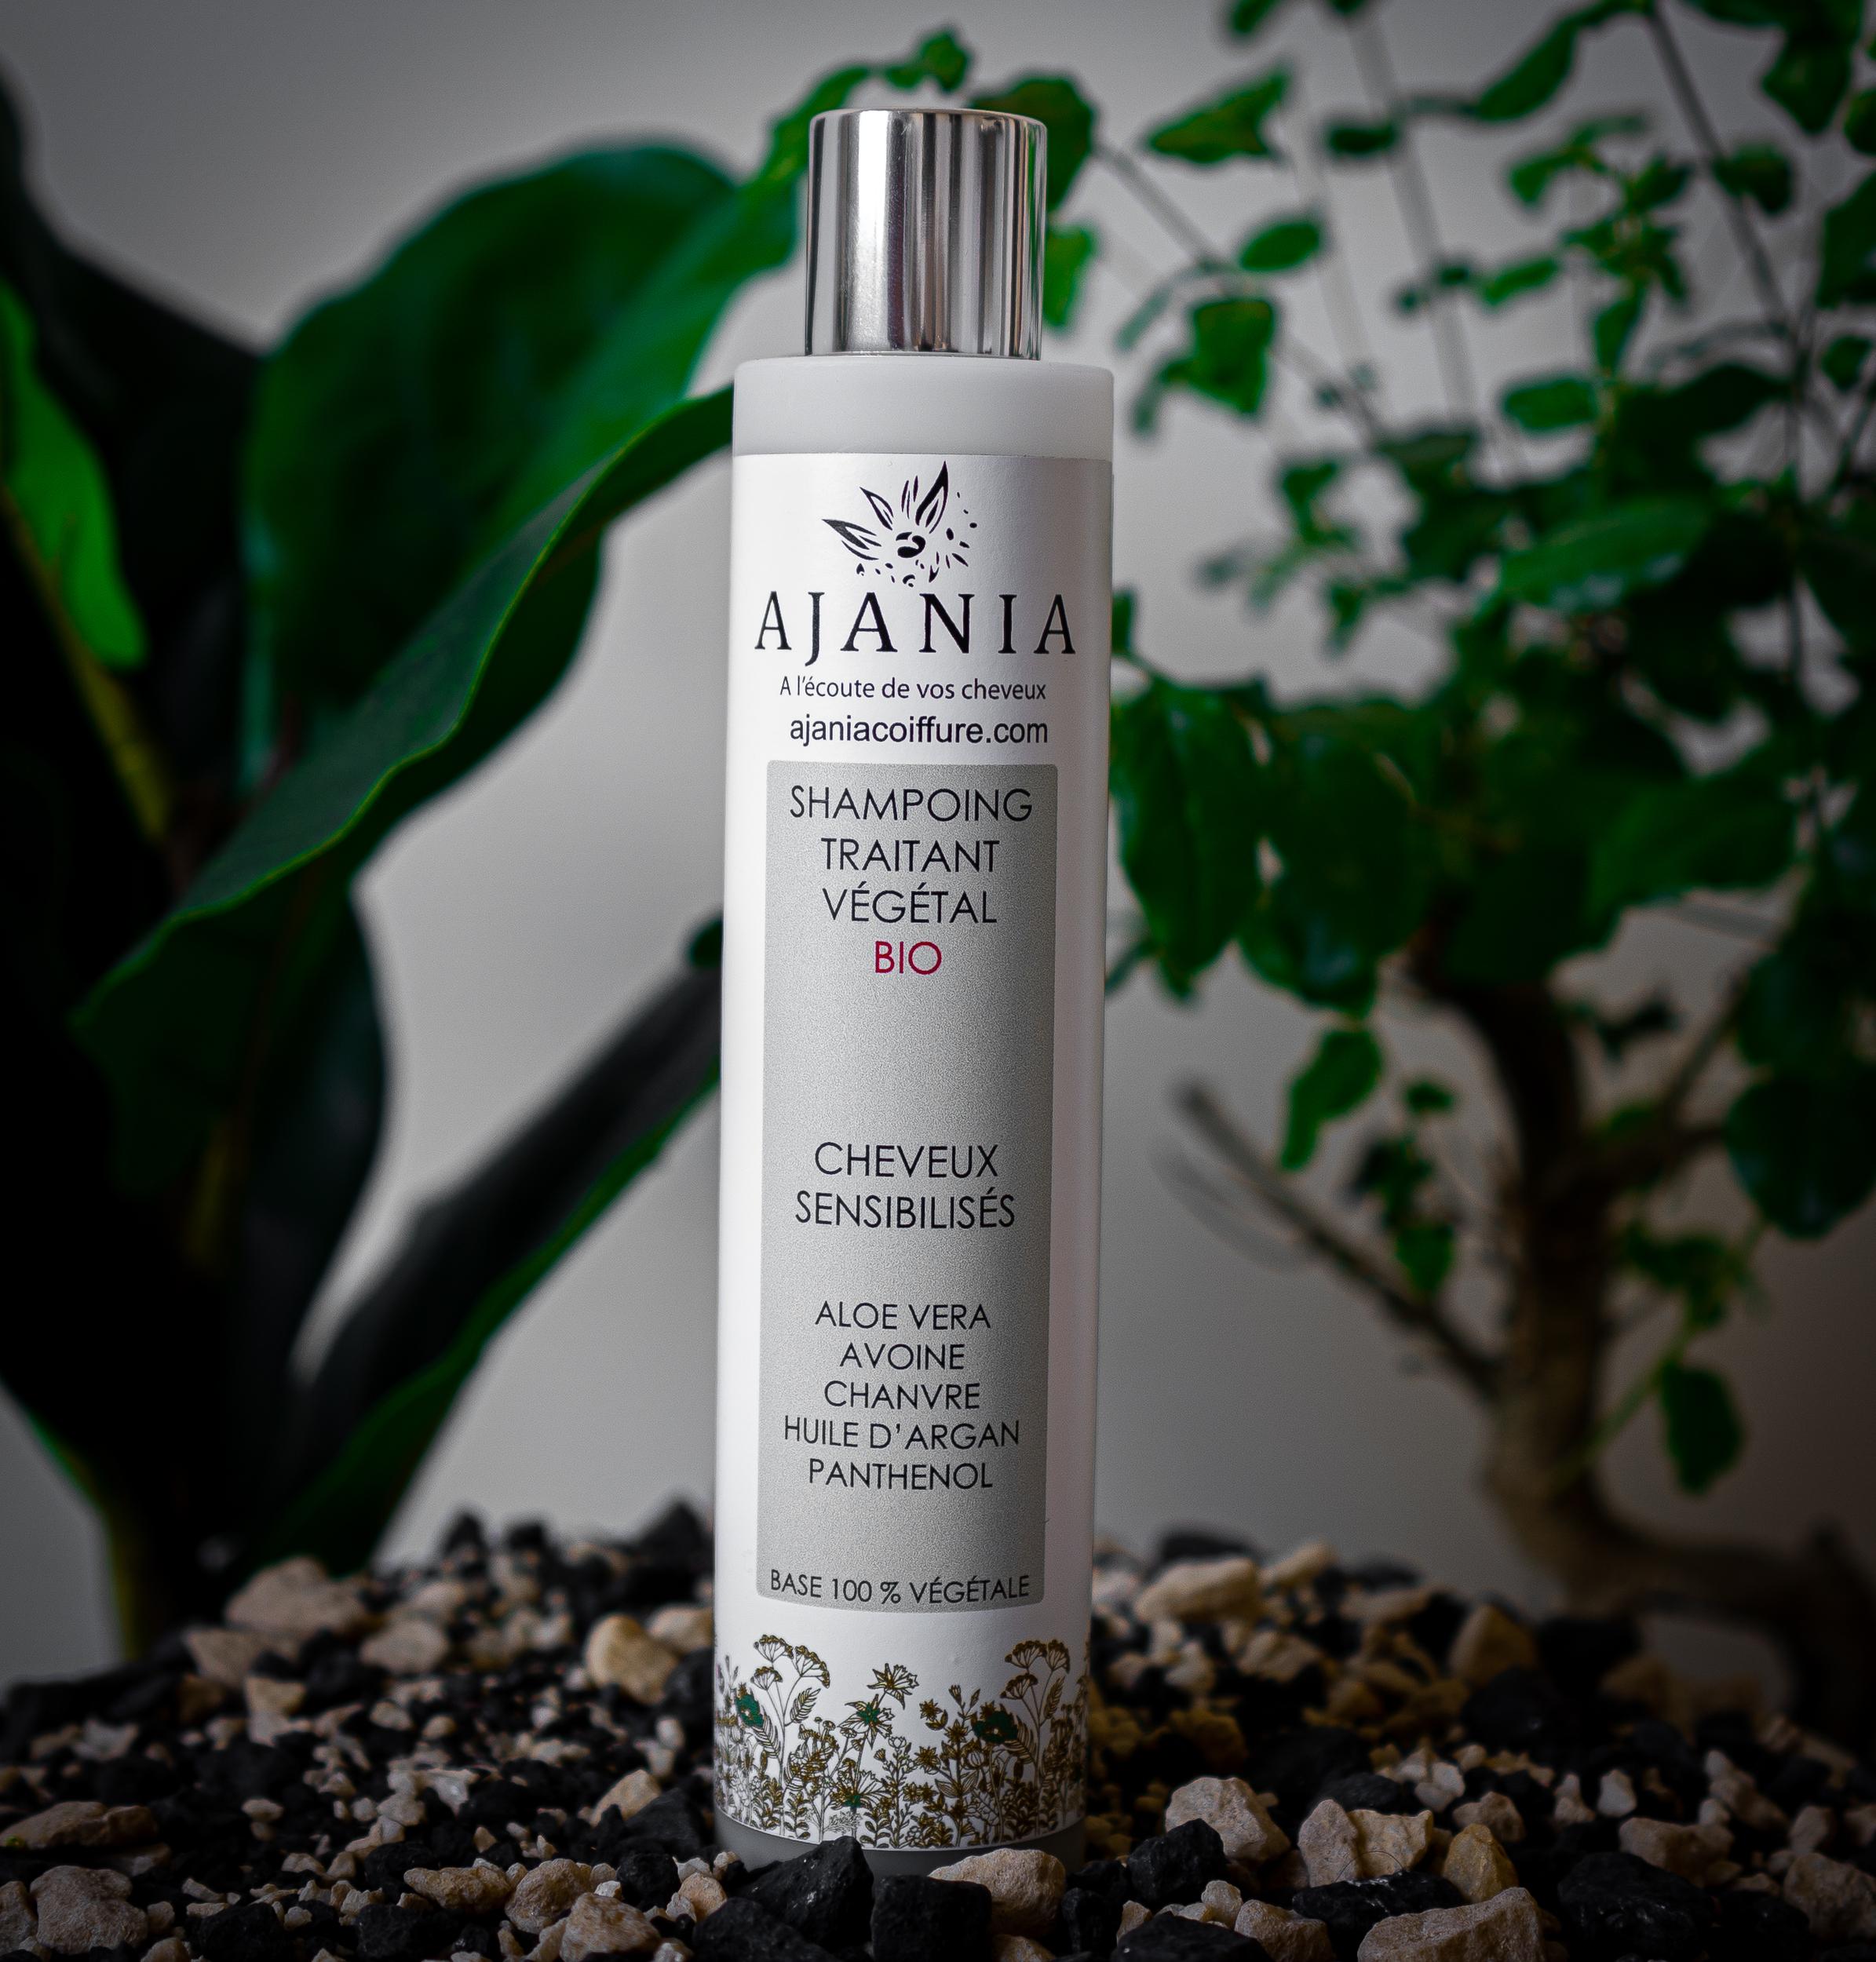 Ajania shampooing traitant végétal bio - 250 ml - Brillance et force, riche en chanvre